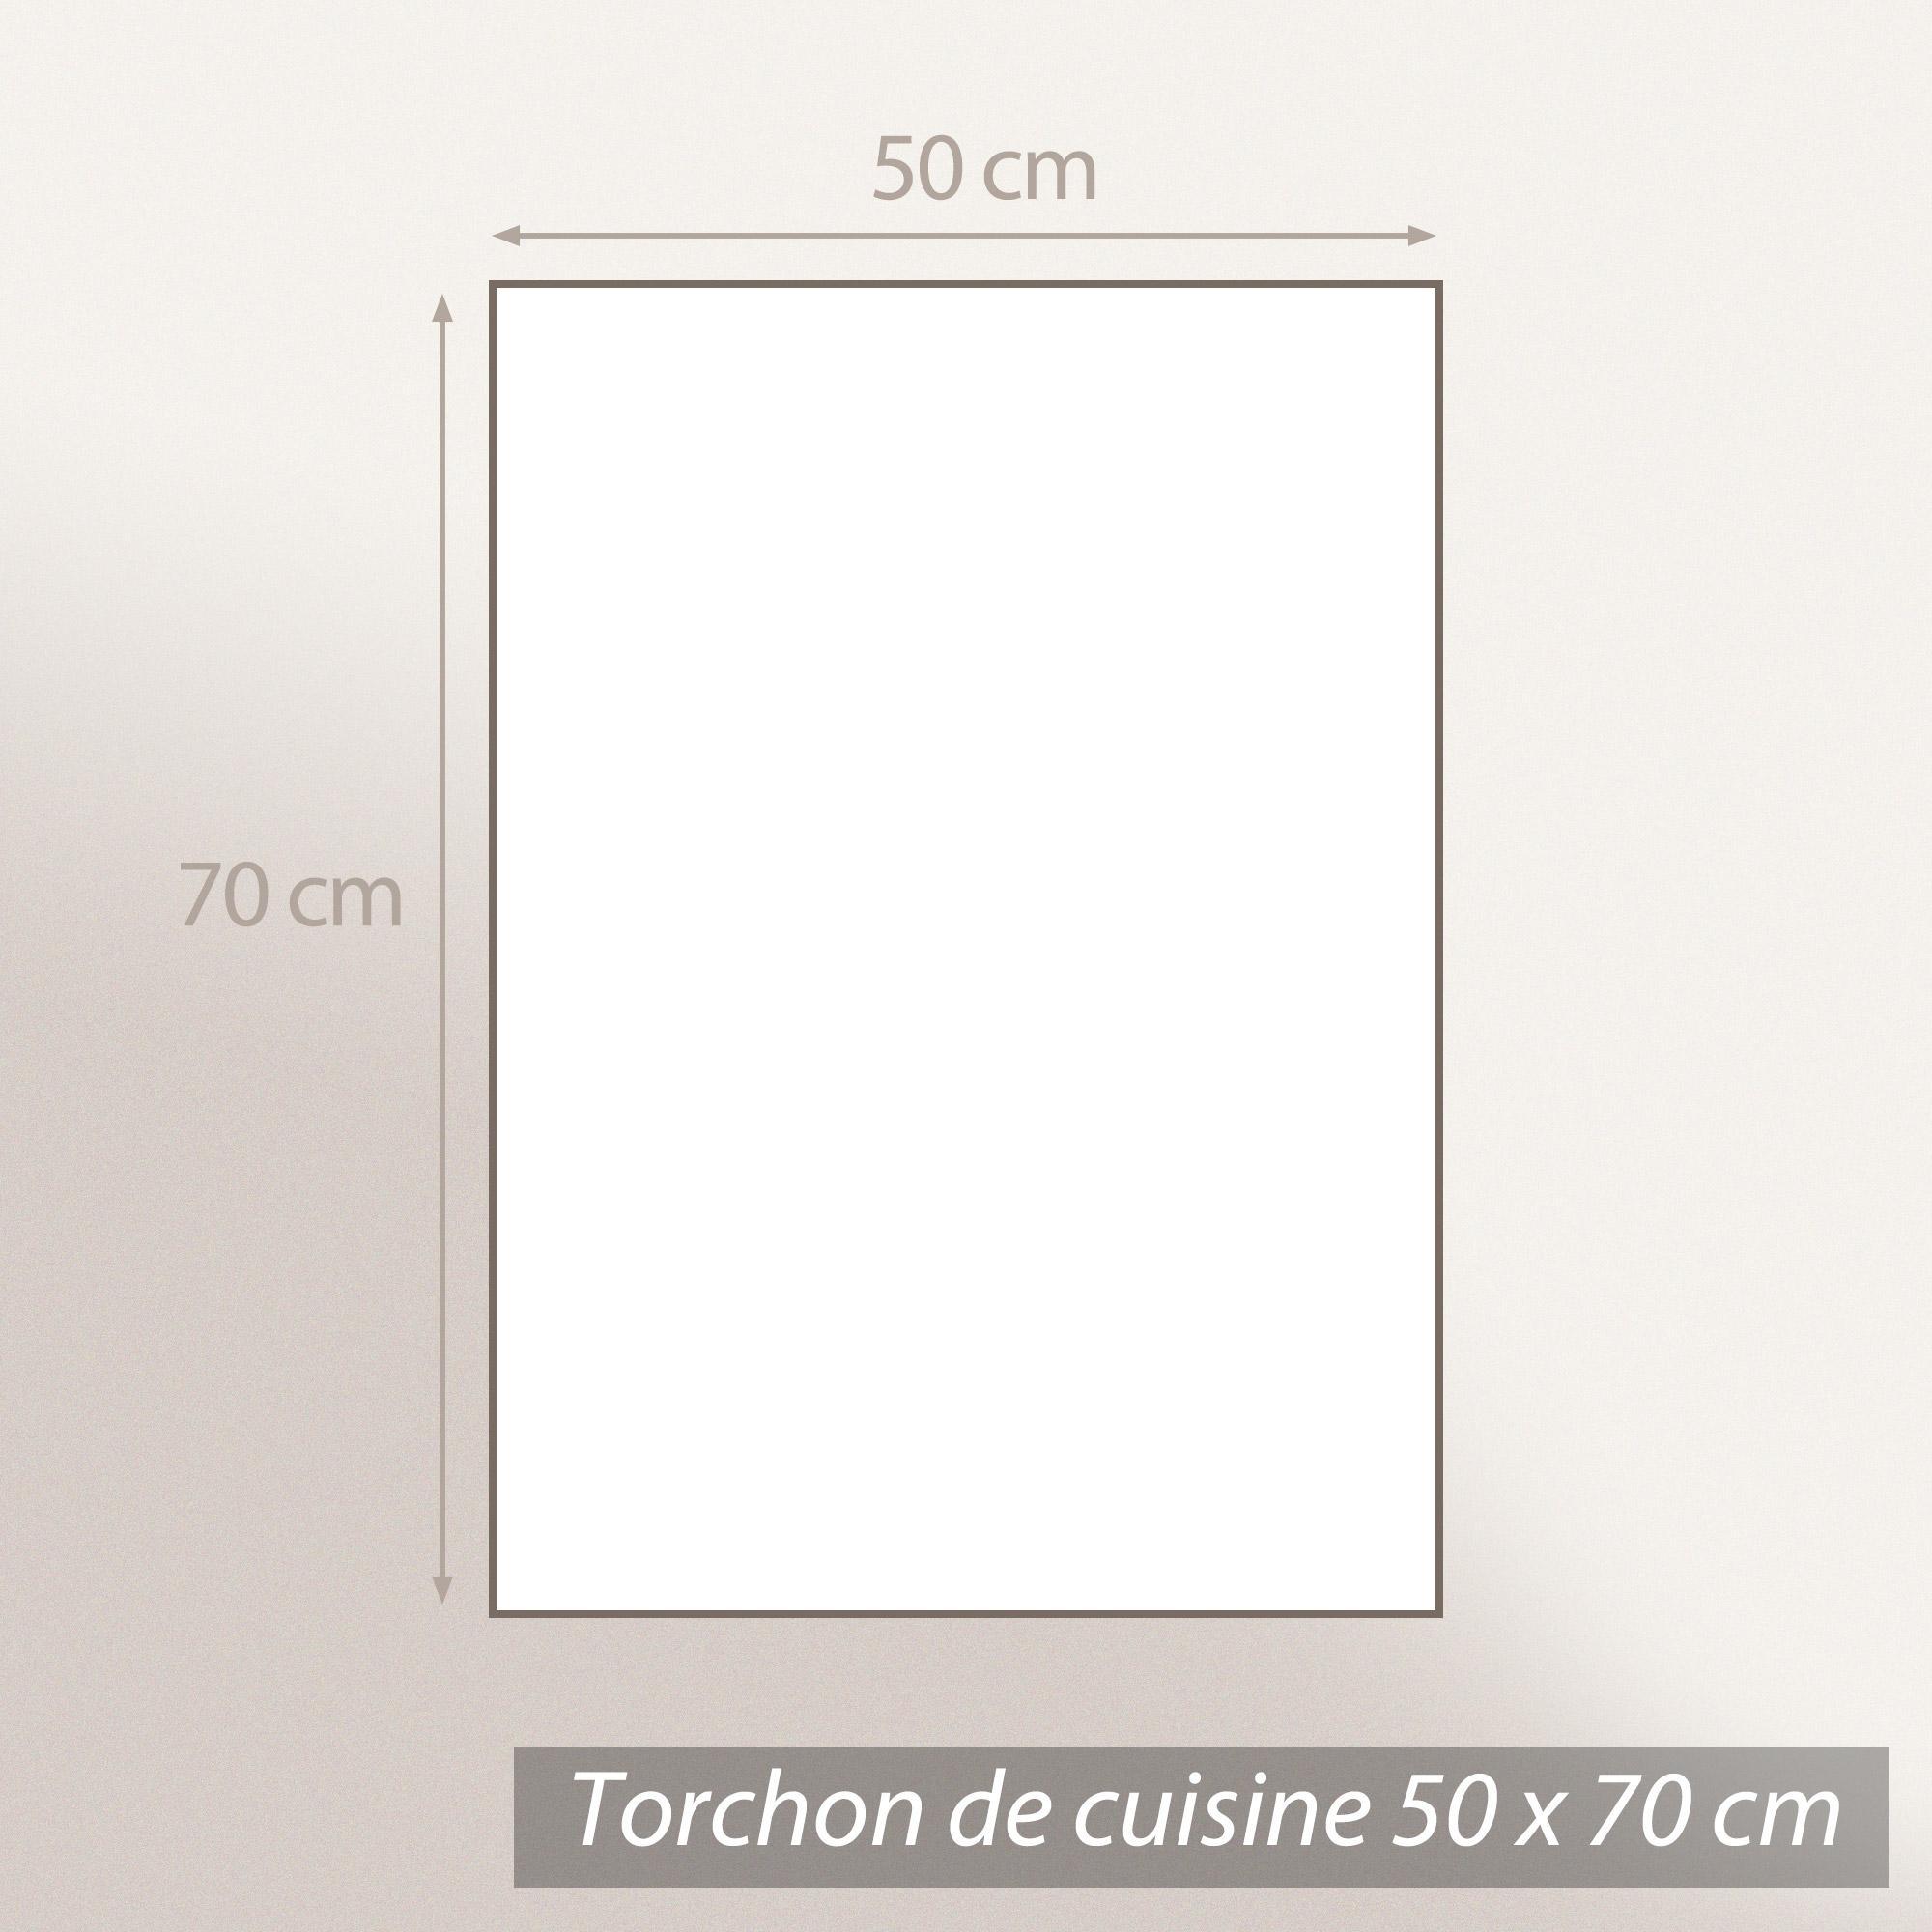 torchon de cuisine toile 50x70 cm line orange linnea linge de maison et. Black Bedroom Furniture Sets. Home Design Ideas